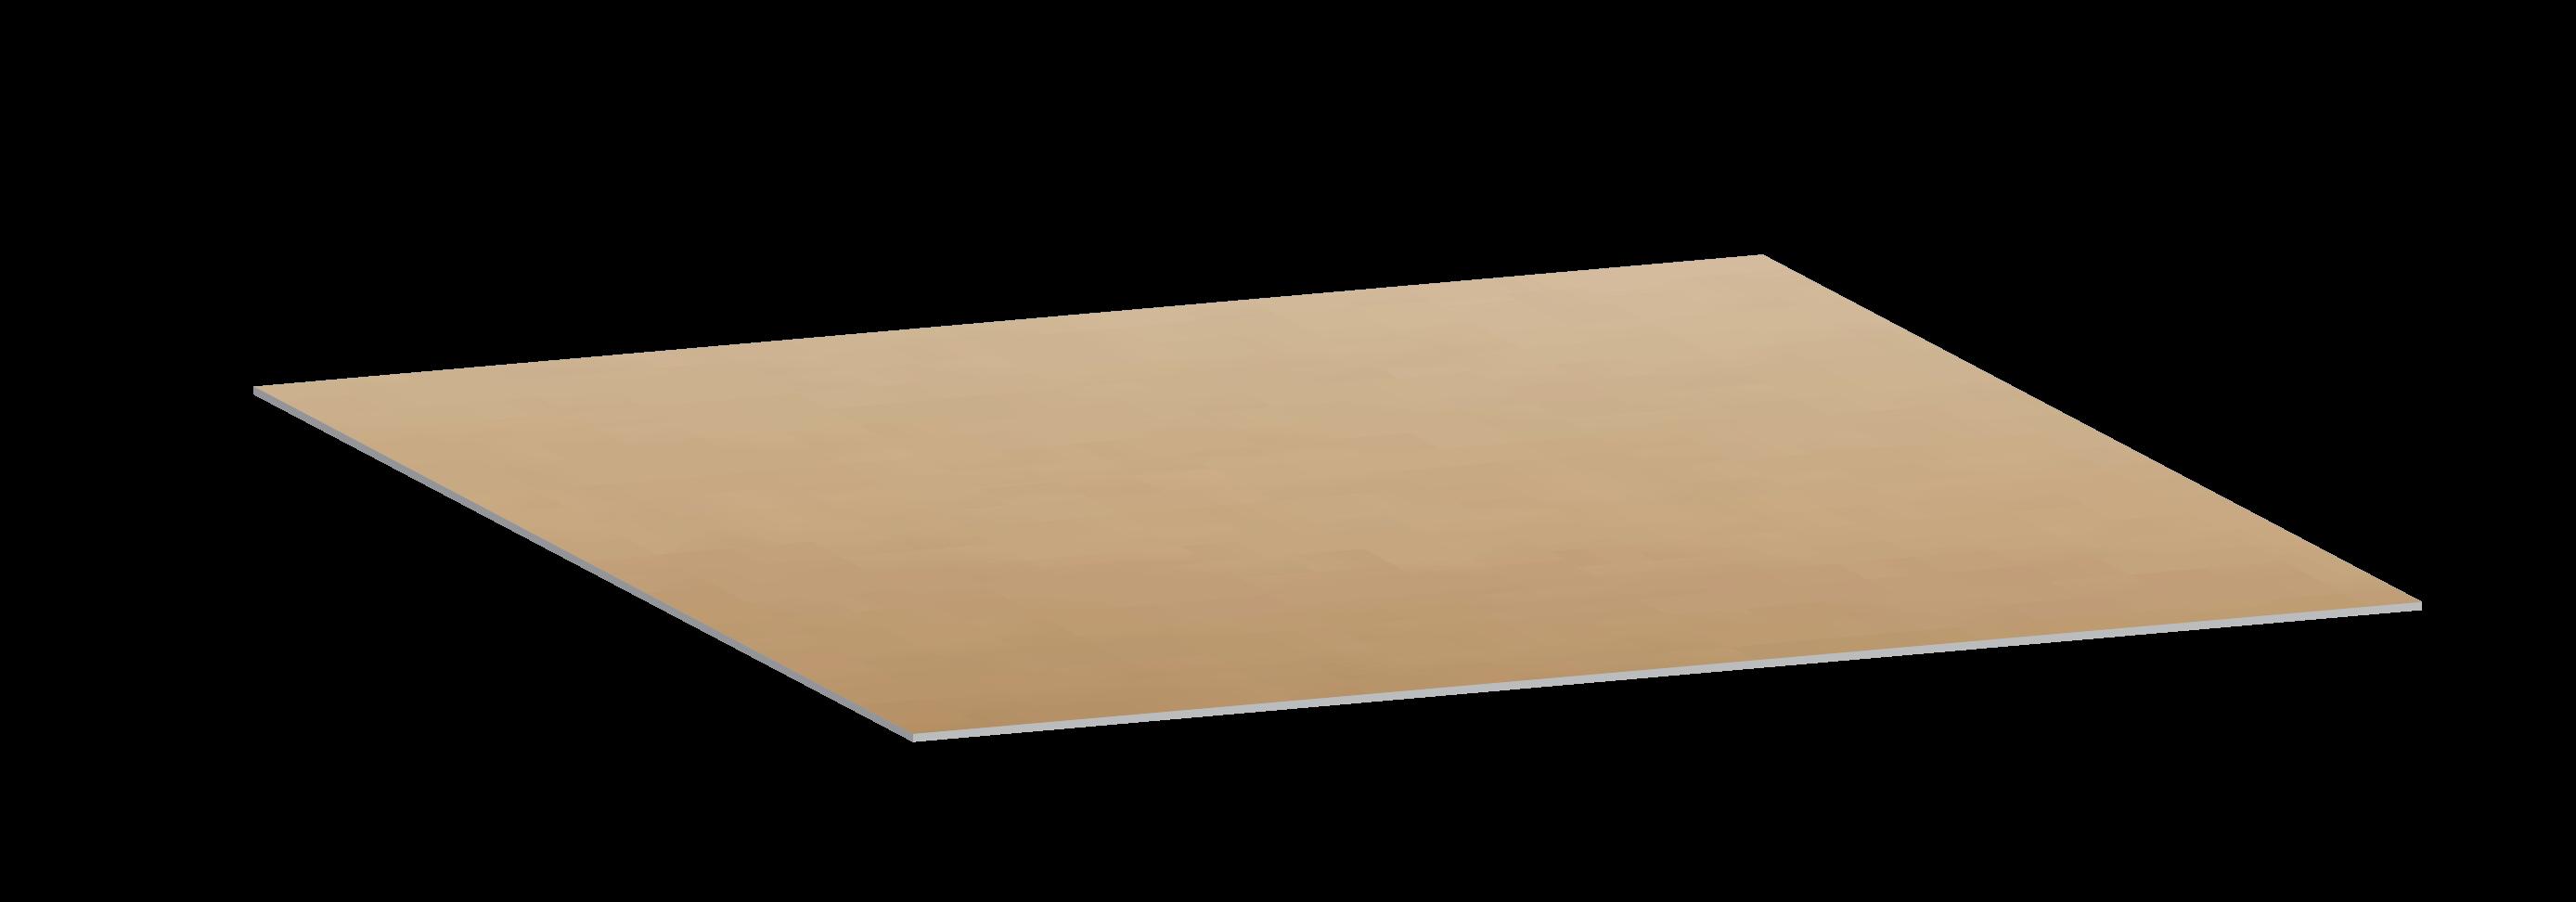 Paperboard Illustration